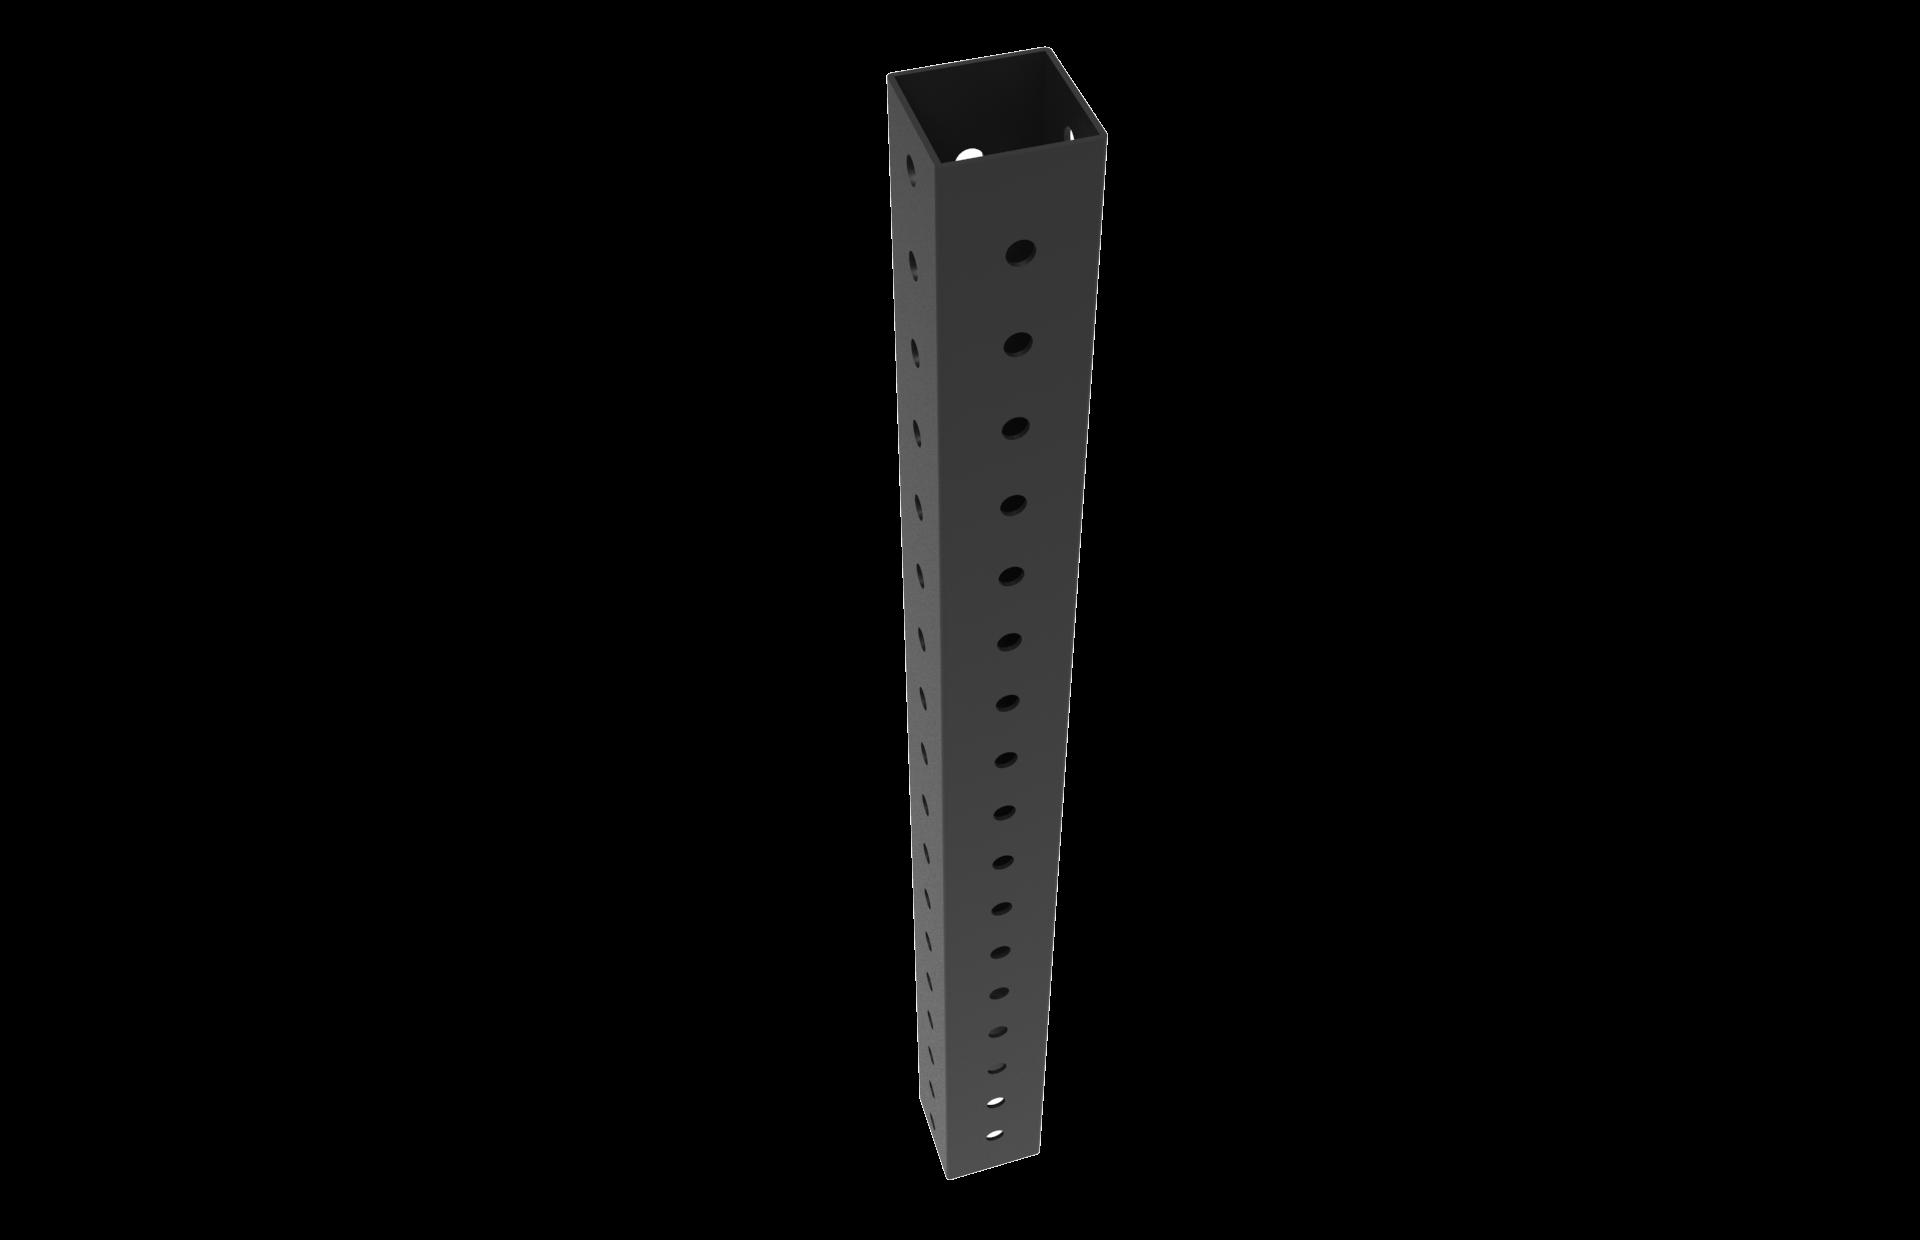 Crossmaxx XL Upright Stand Extender 90 cm